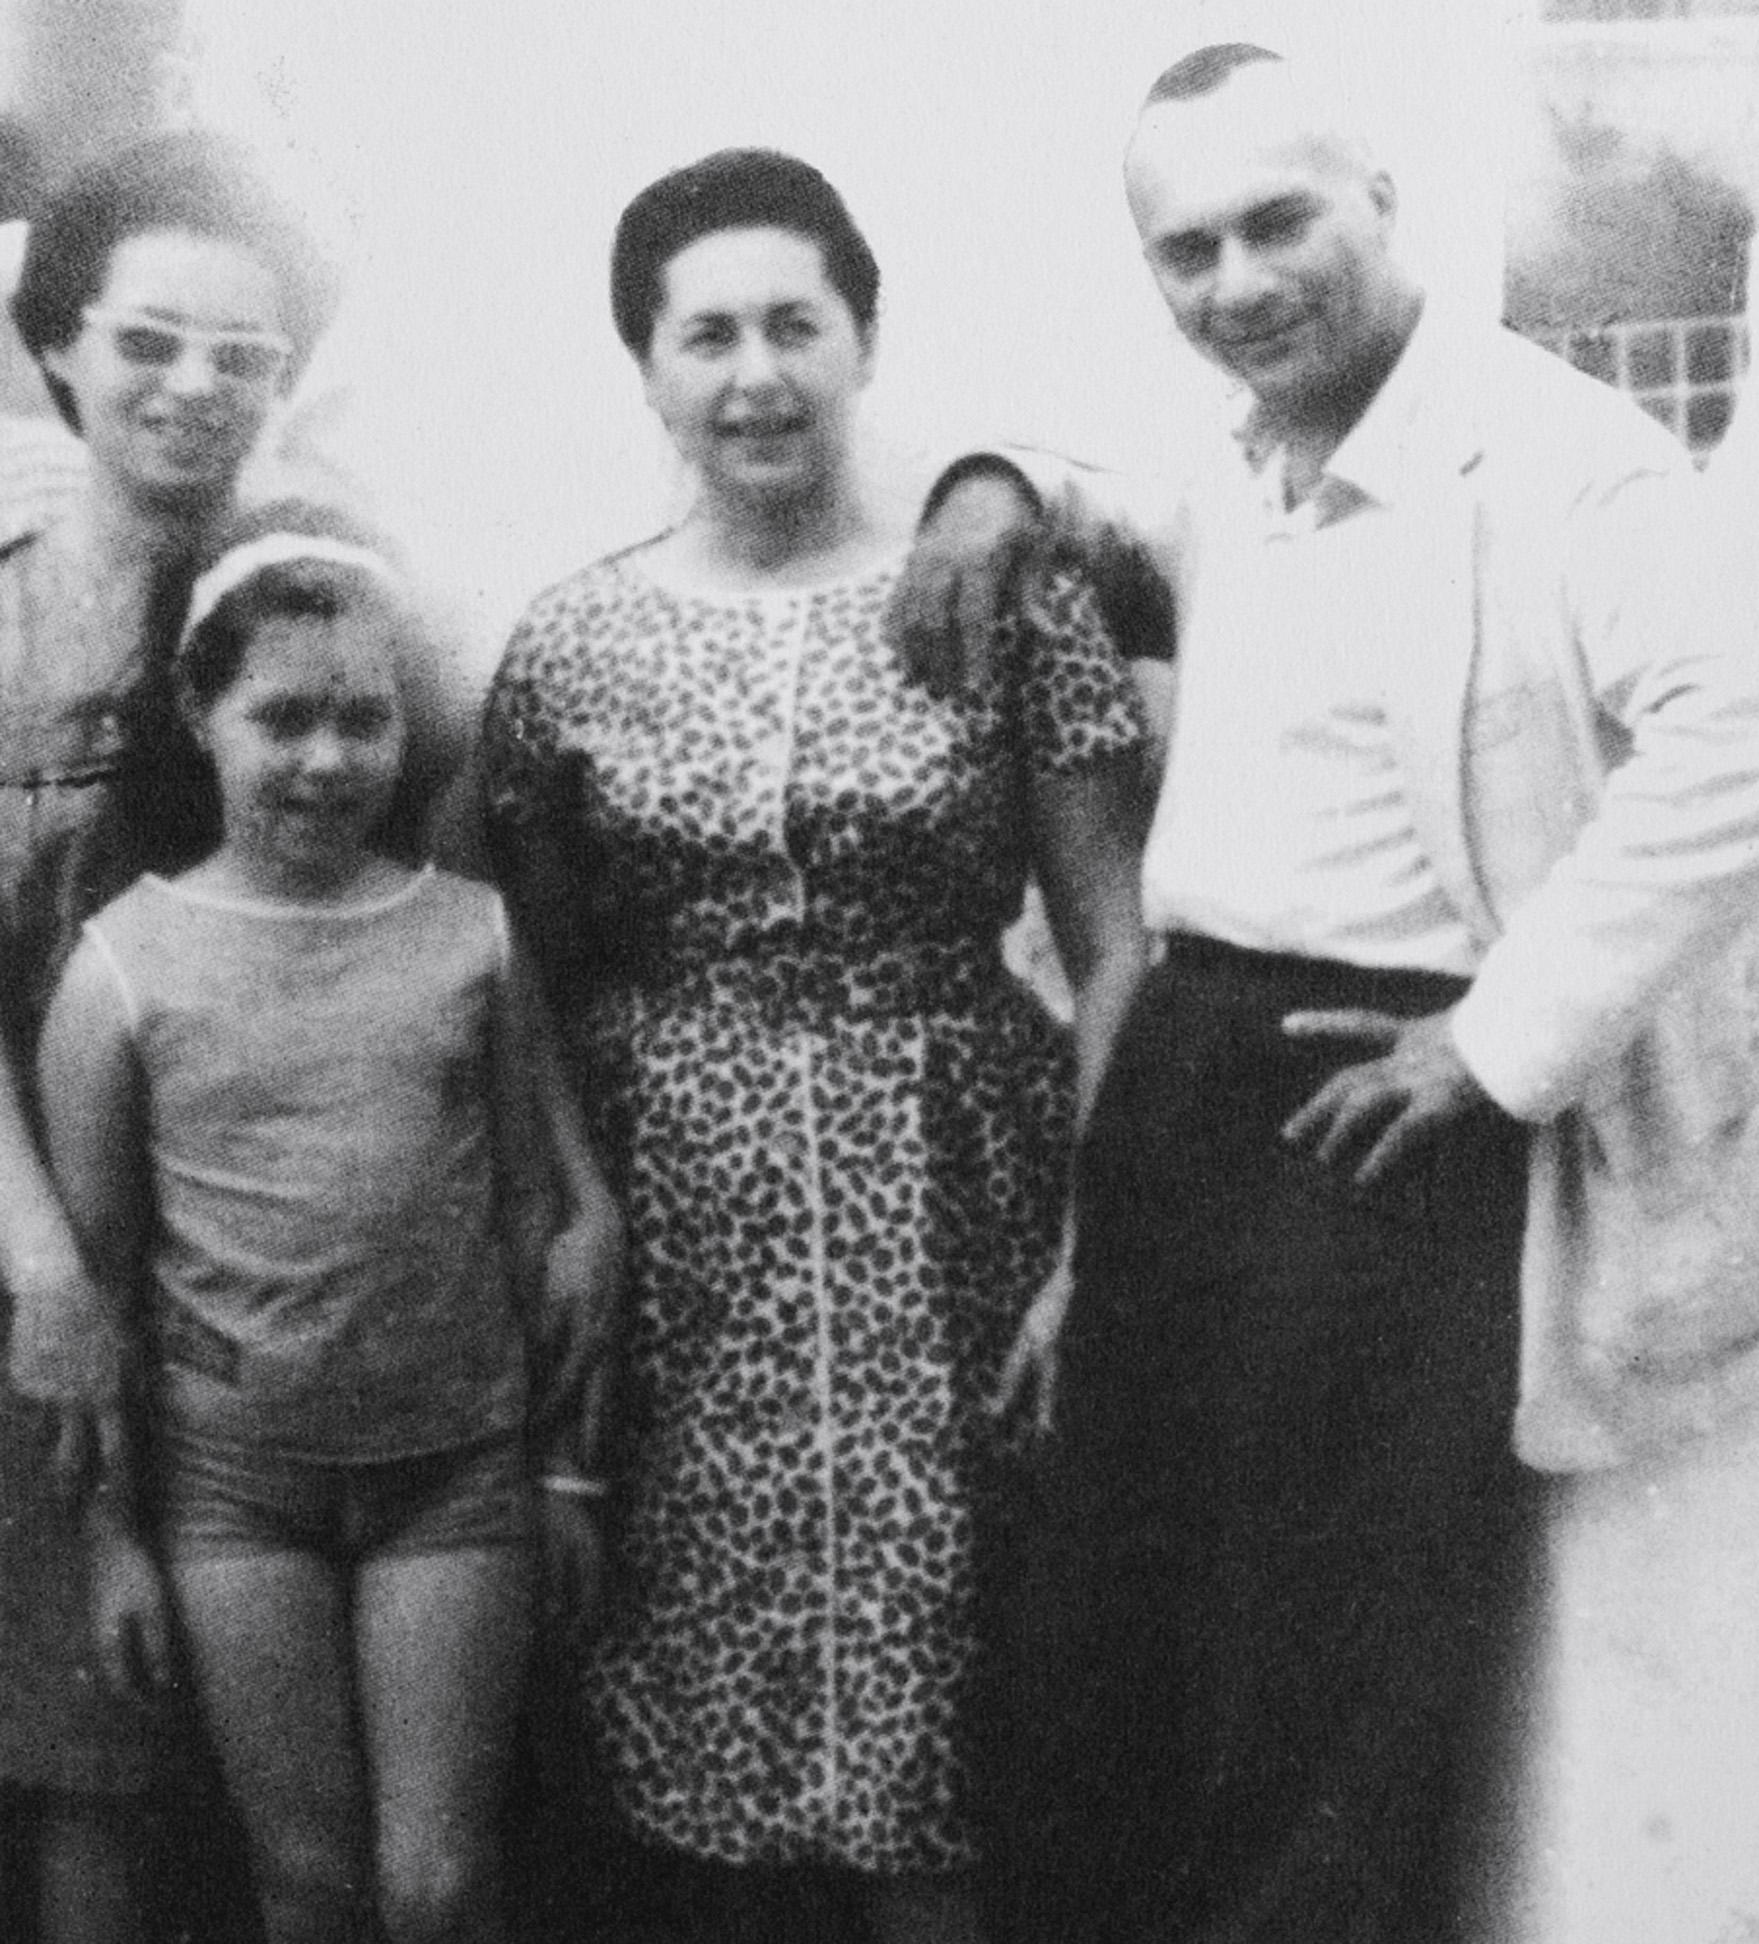 Em rara foto do casal, Clara, no centro, rodeada por Marighella, a irmã dele, Teresa, e a sobrinha, Esther Grinspum, em 1963